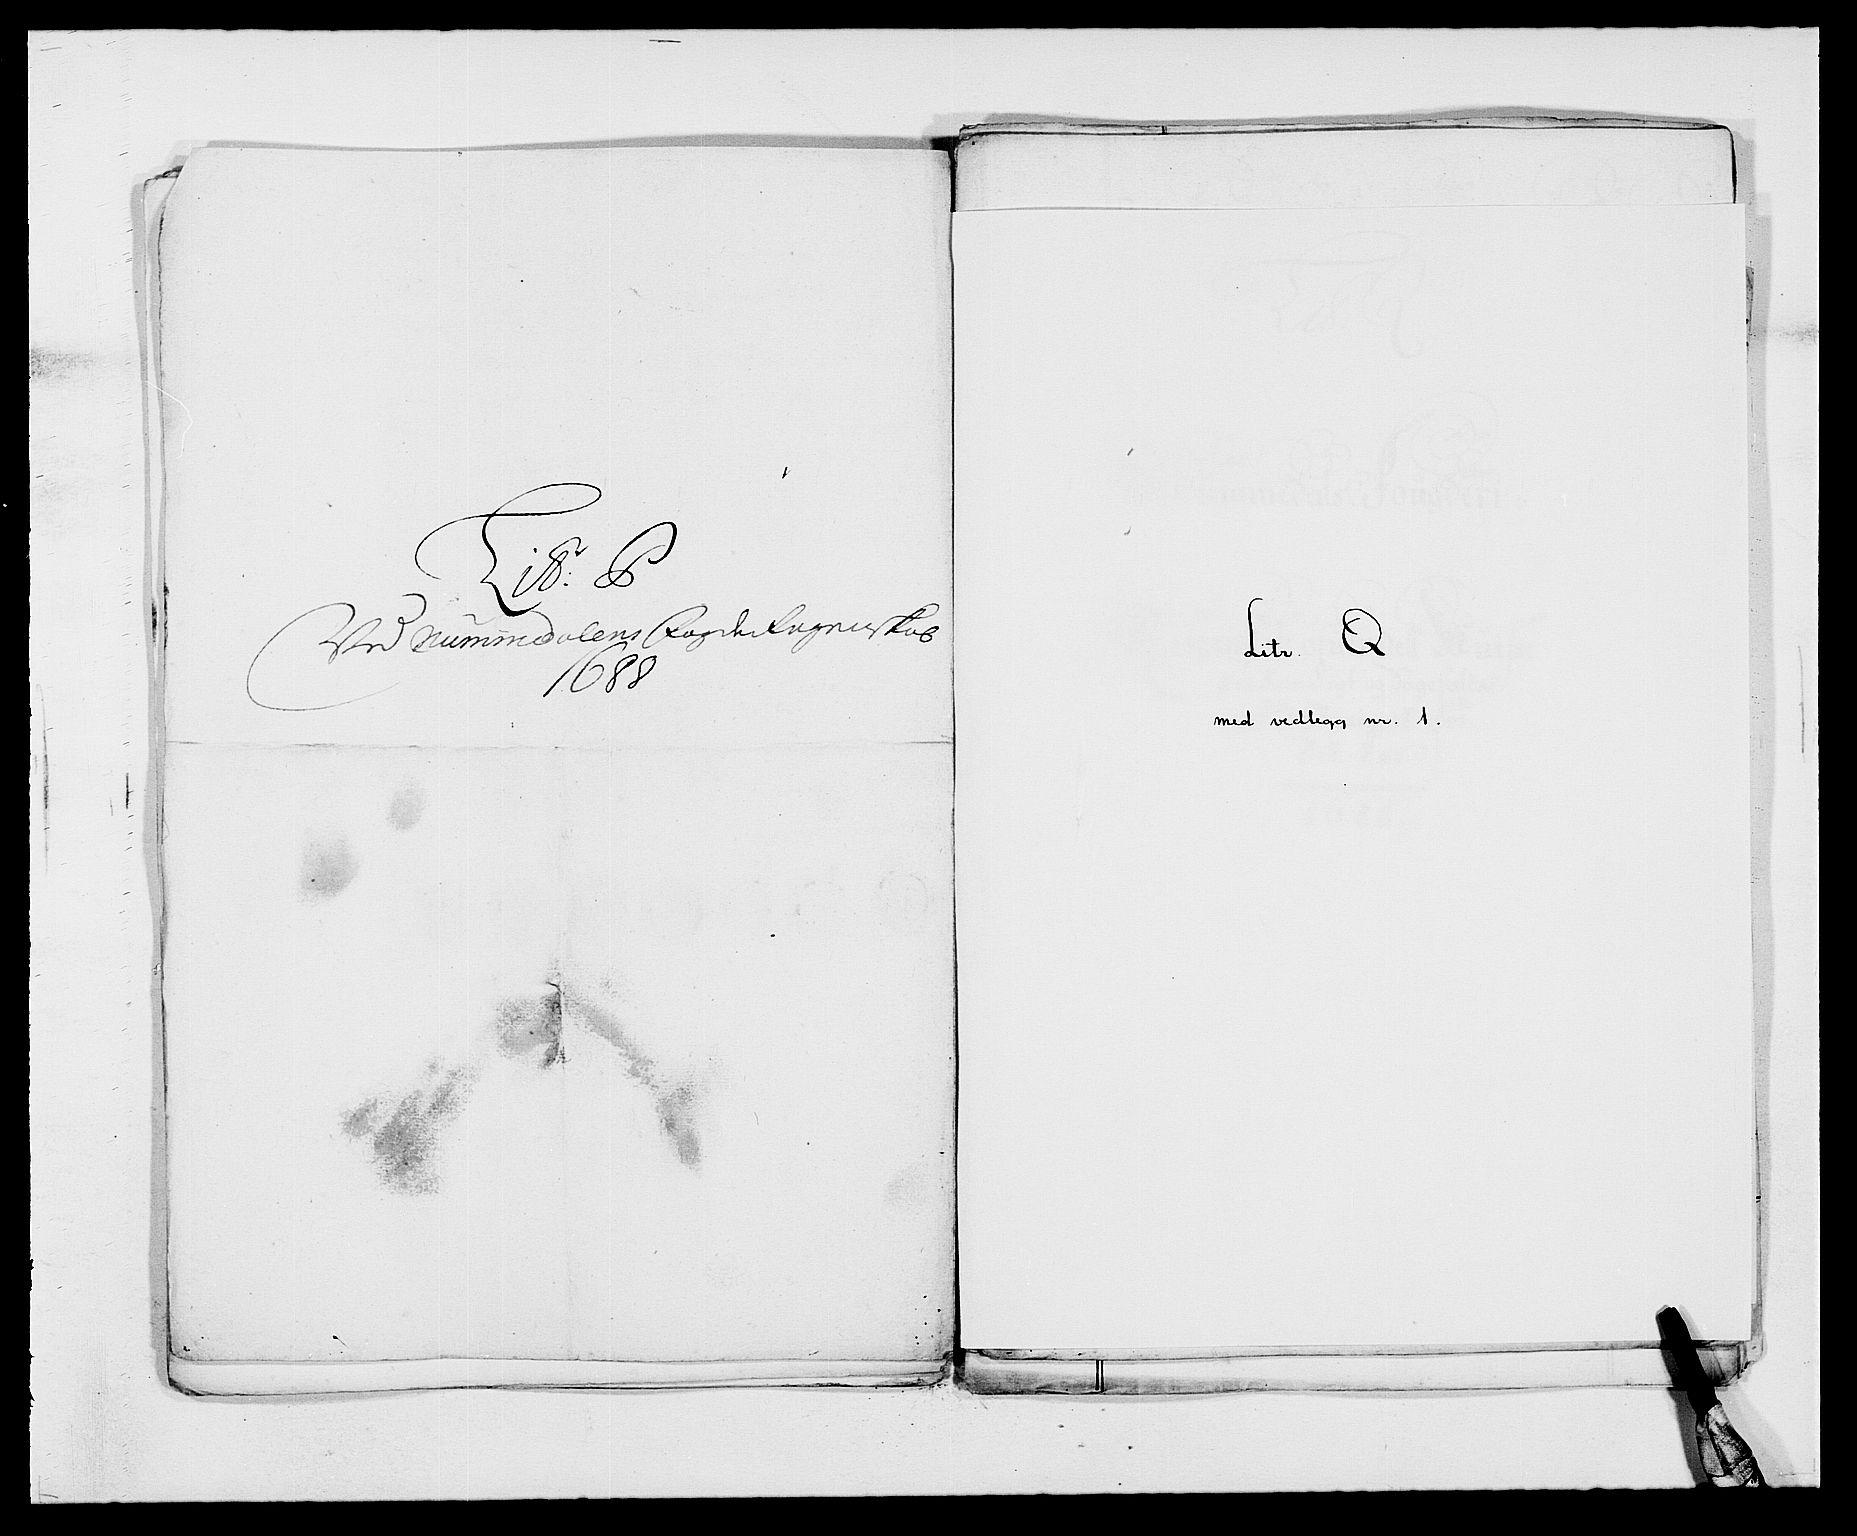 RA, Rentekammeret inntil 1814, Reviderte regnskaper, Fogderegnskap, R64/L4422: Fogderegnskap Namdal, 1687-1689, s. 169